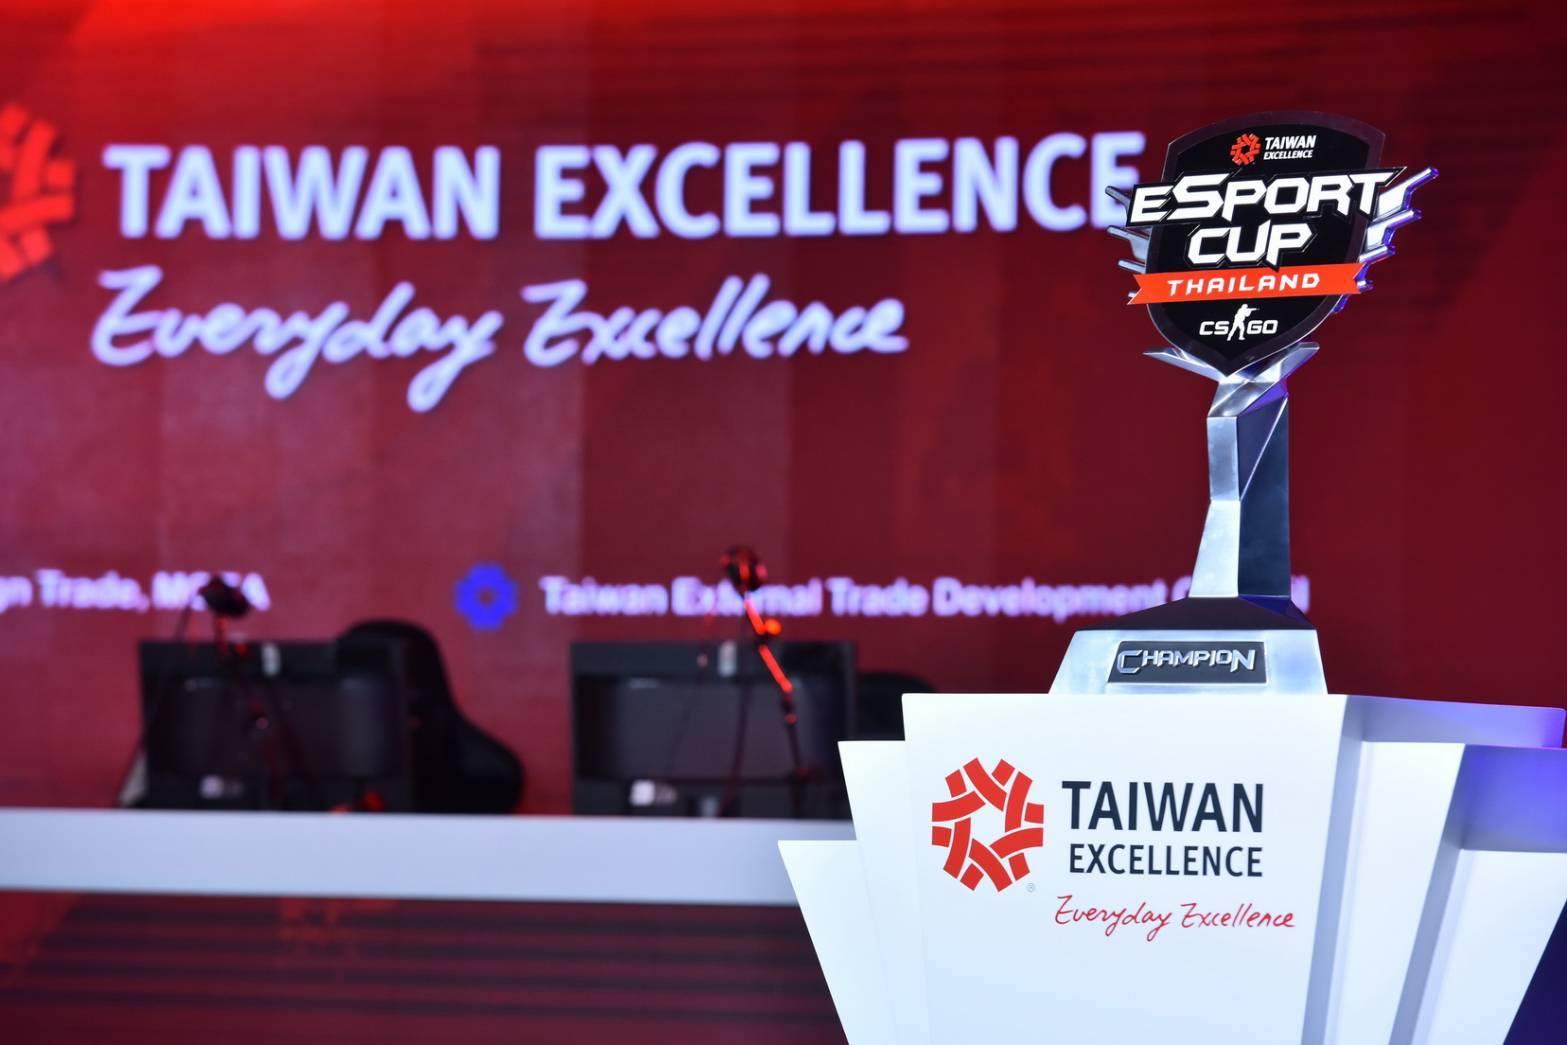 eSport Cup ไต้หวัน